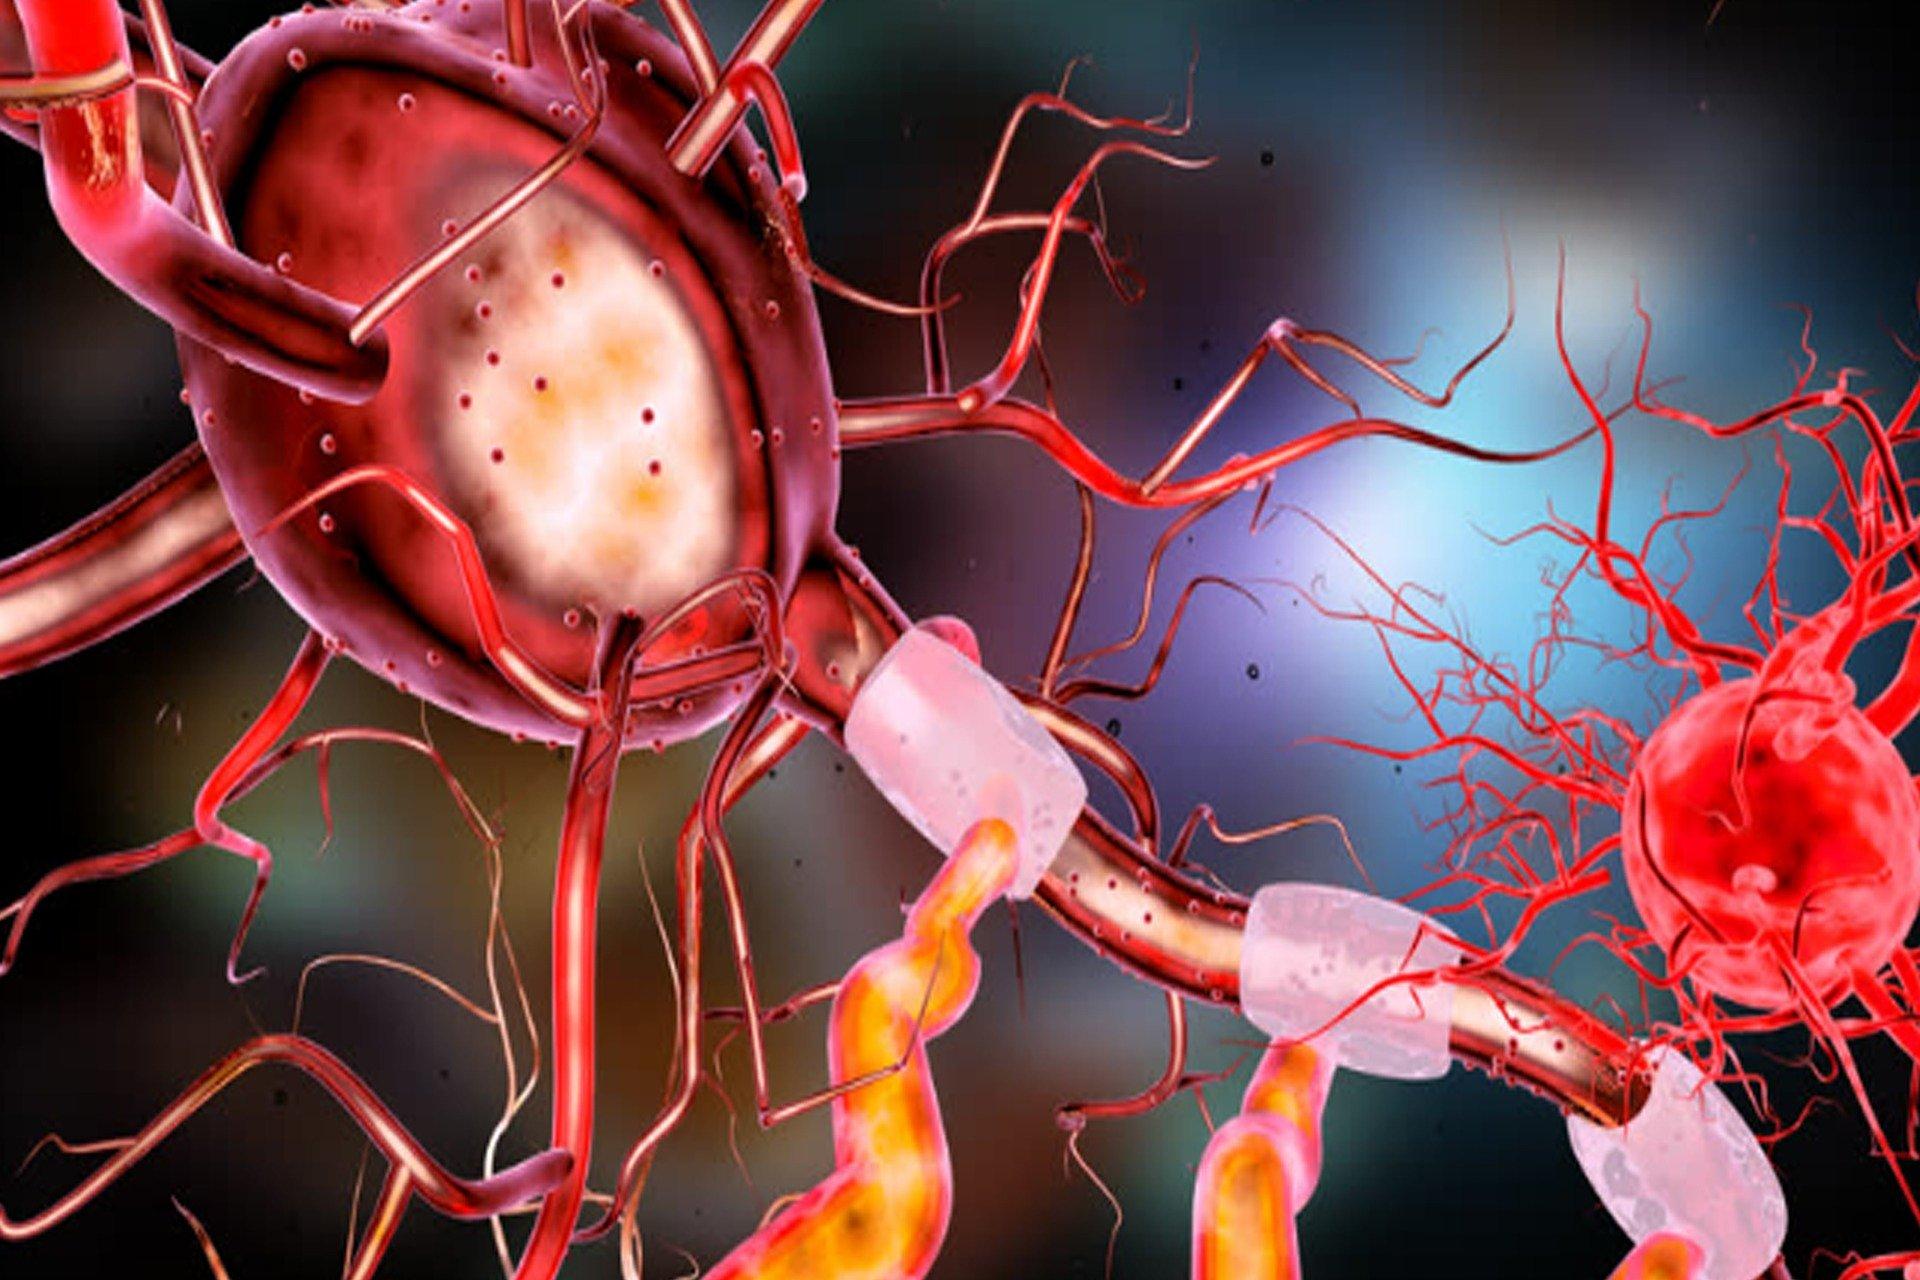 נוירונים. Image by irfan ullah from Pixabay